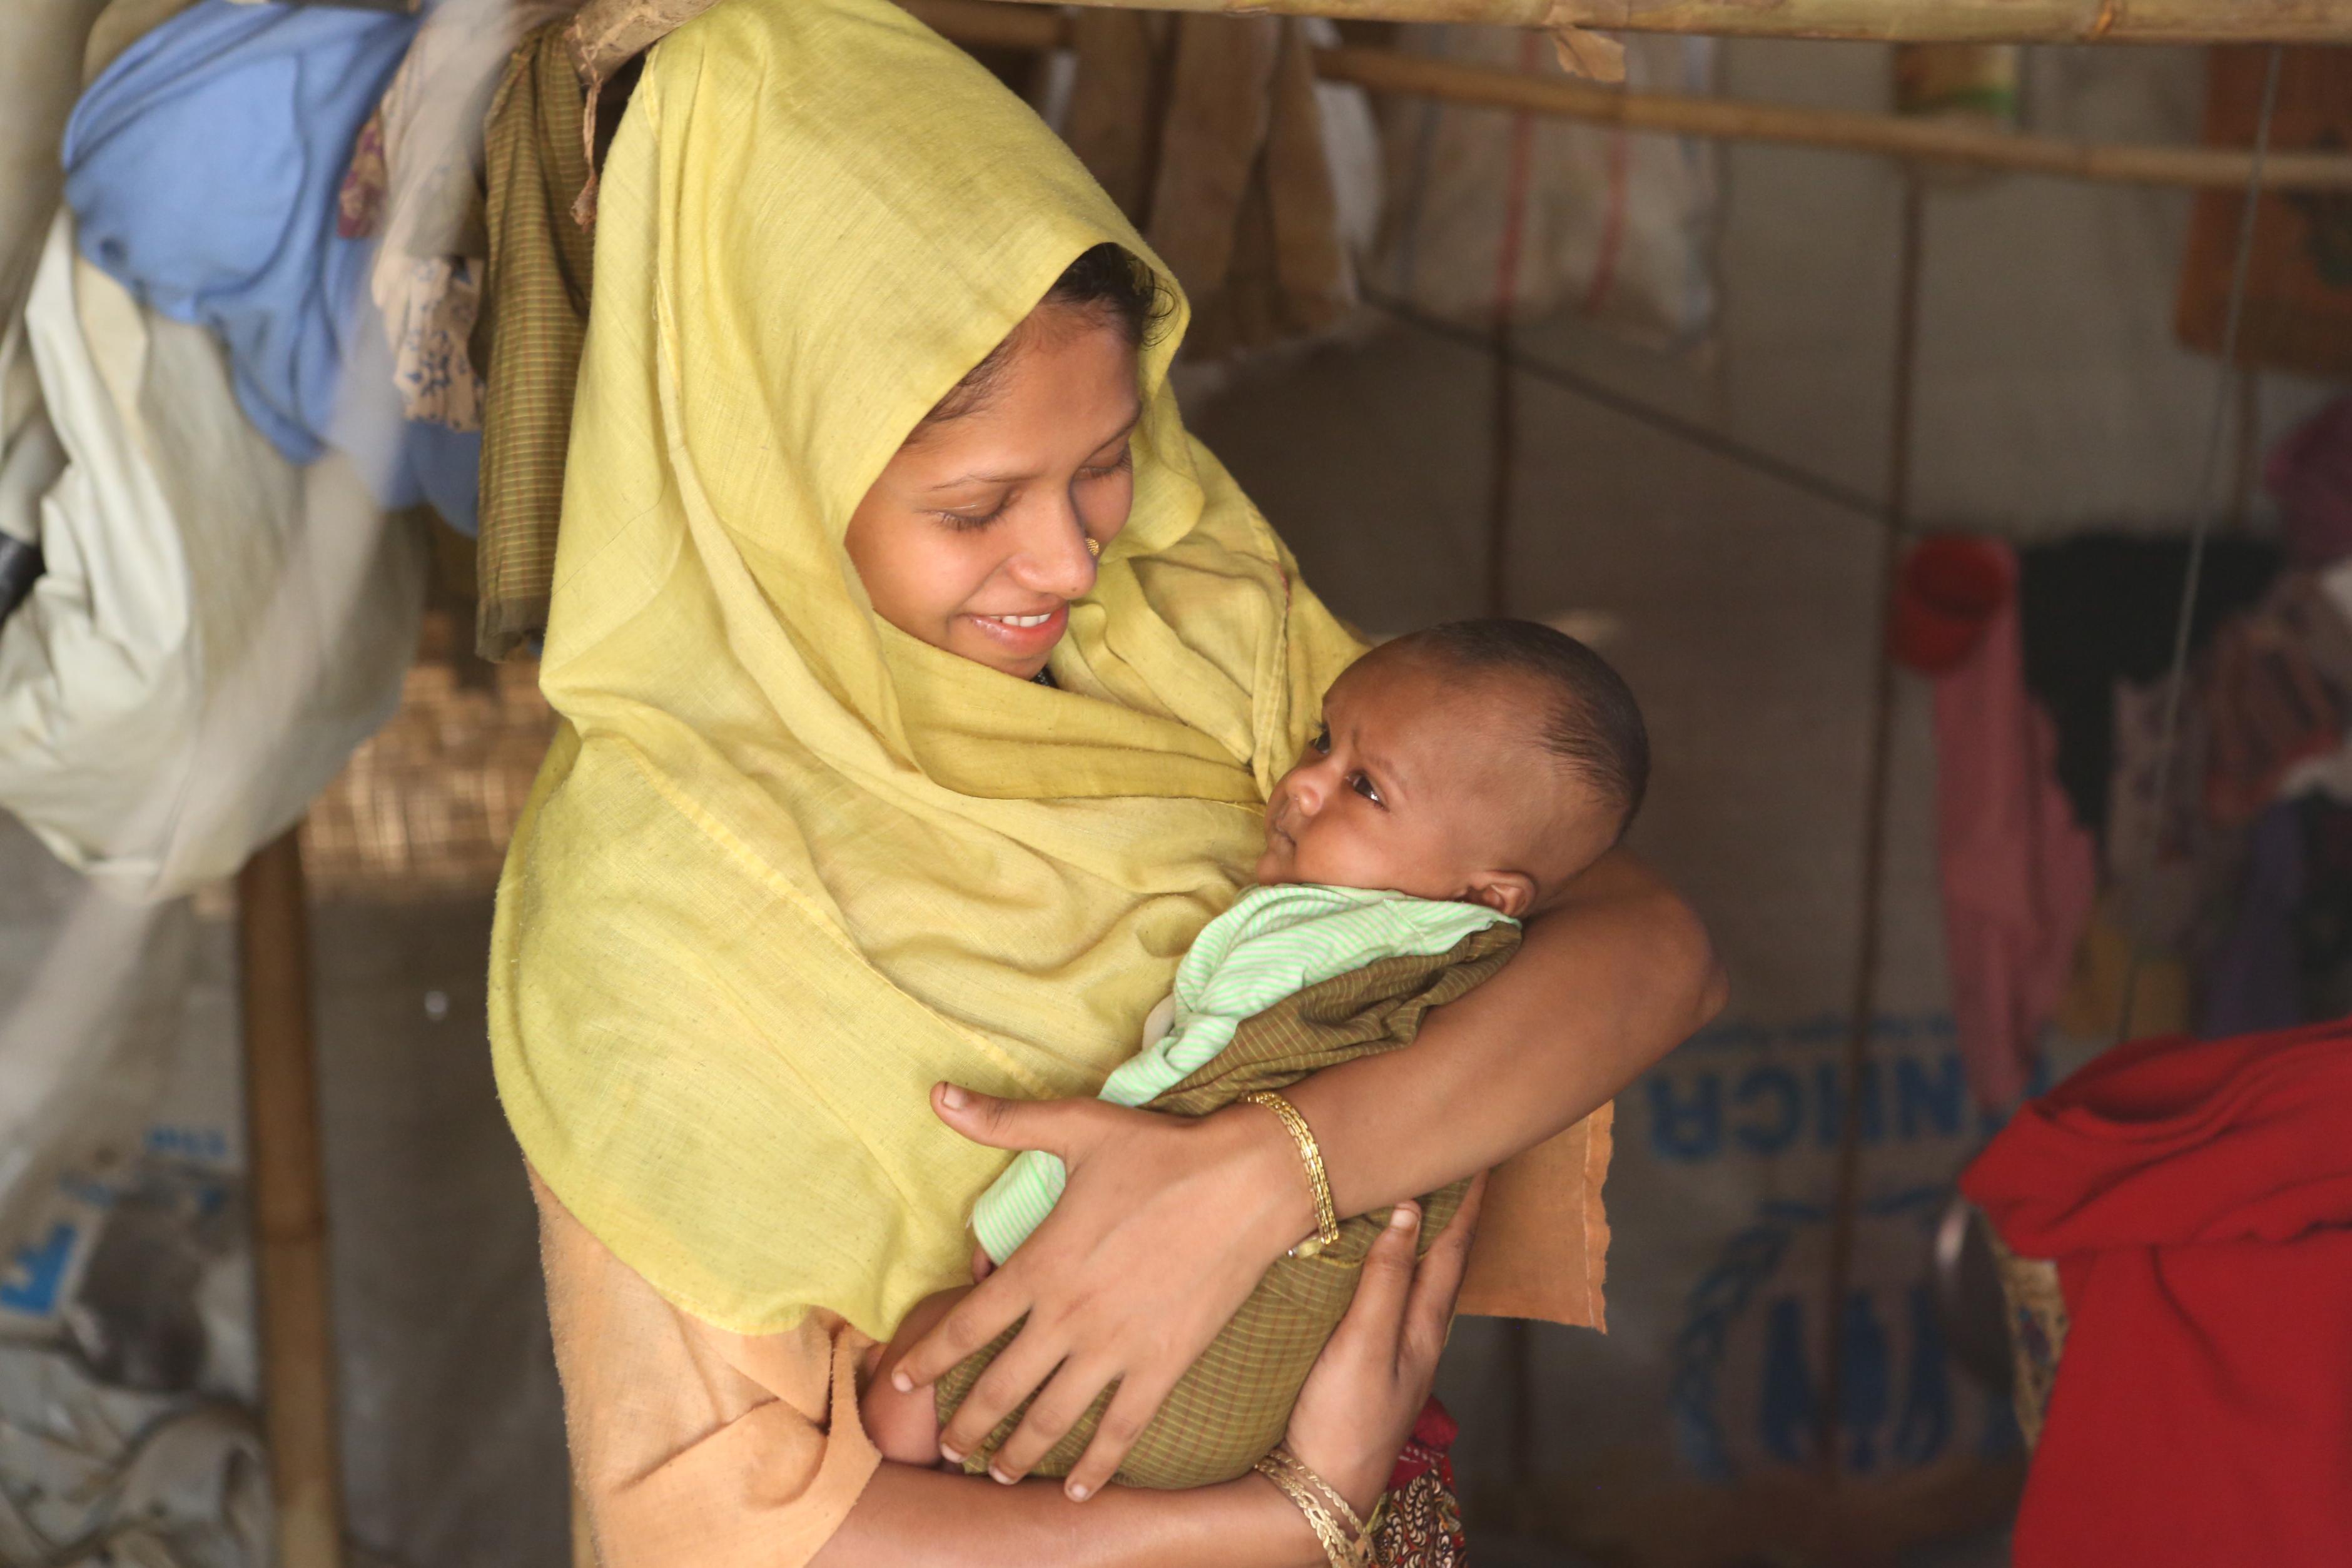 Die 20-jährige Shompa* mit ihrer Tochter Iffat* in ihrem Zelt im Balukhali-Flüchtlingscamp in Bangladesch